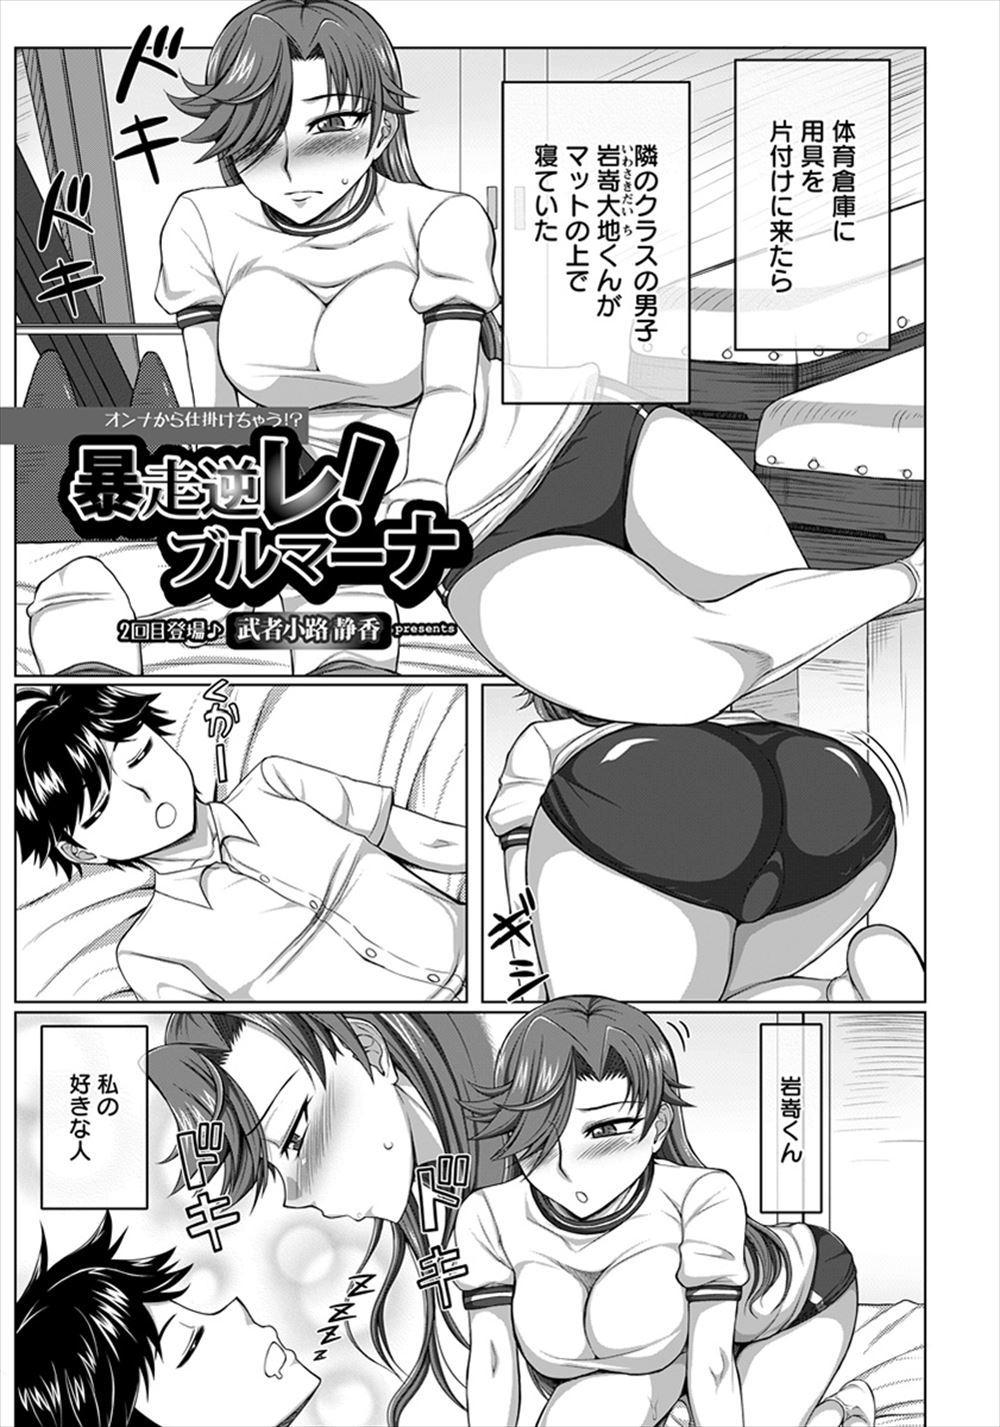 [武者小路静香] 暴走逆レ!ブルマーナ (1)